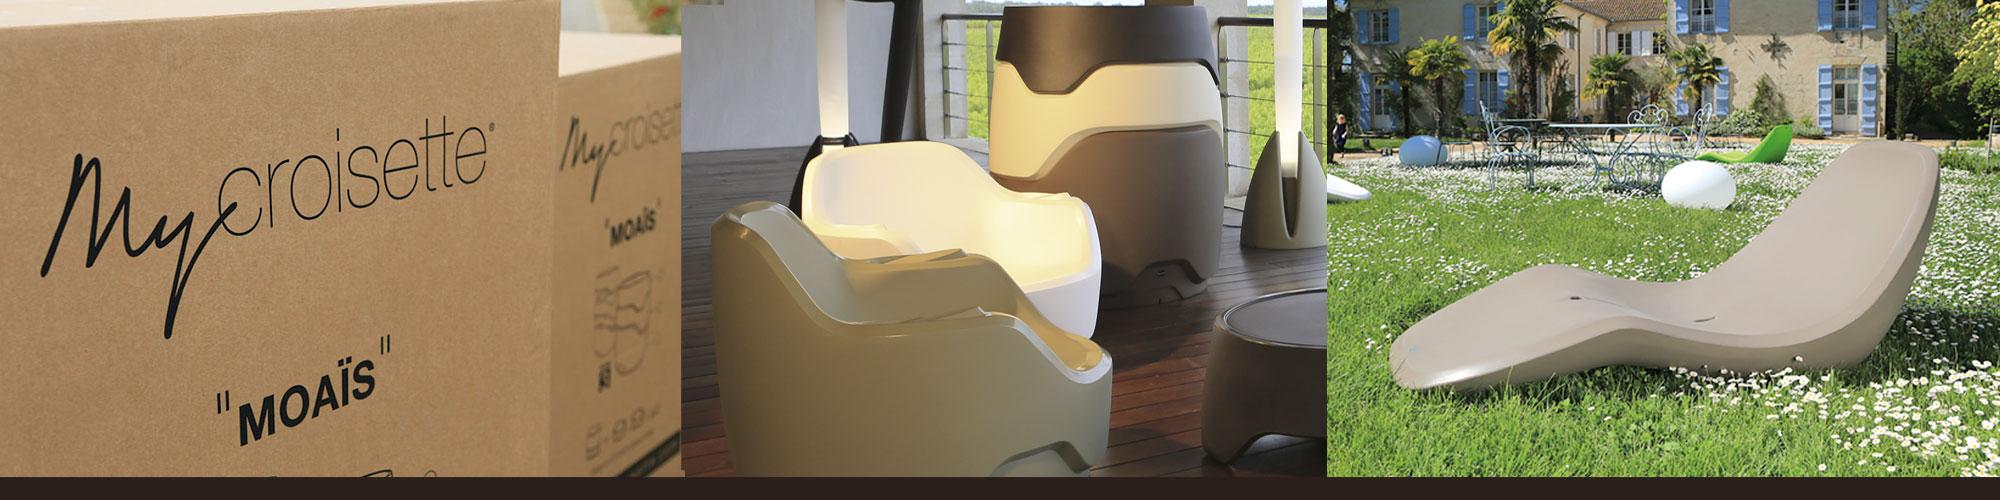 My Croisette est une marque spécialisée dans le mobilier outdoor / Accompagnement ILÔ Créatif : Design de produits et packagings